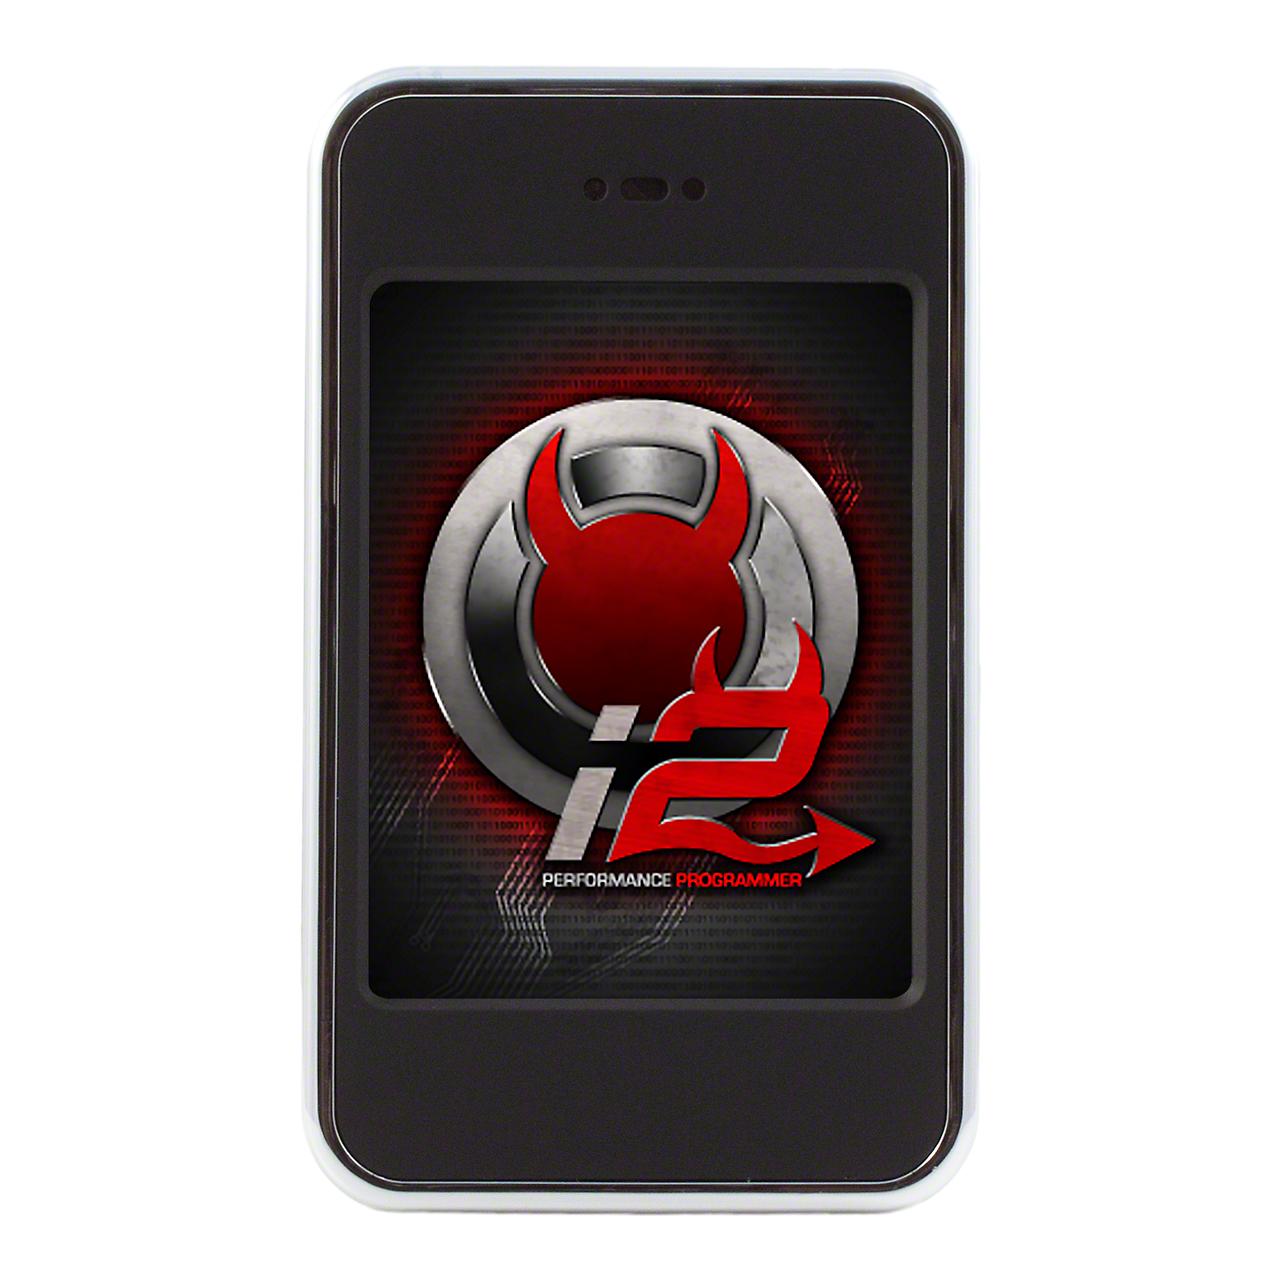 Bama Diablosport inTune i2 Tuner w/ 2 Custom Tunes (07-09 GT500)